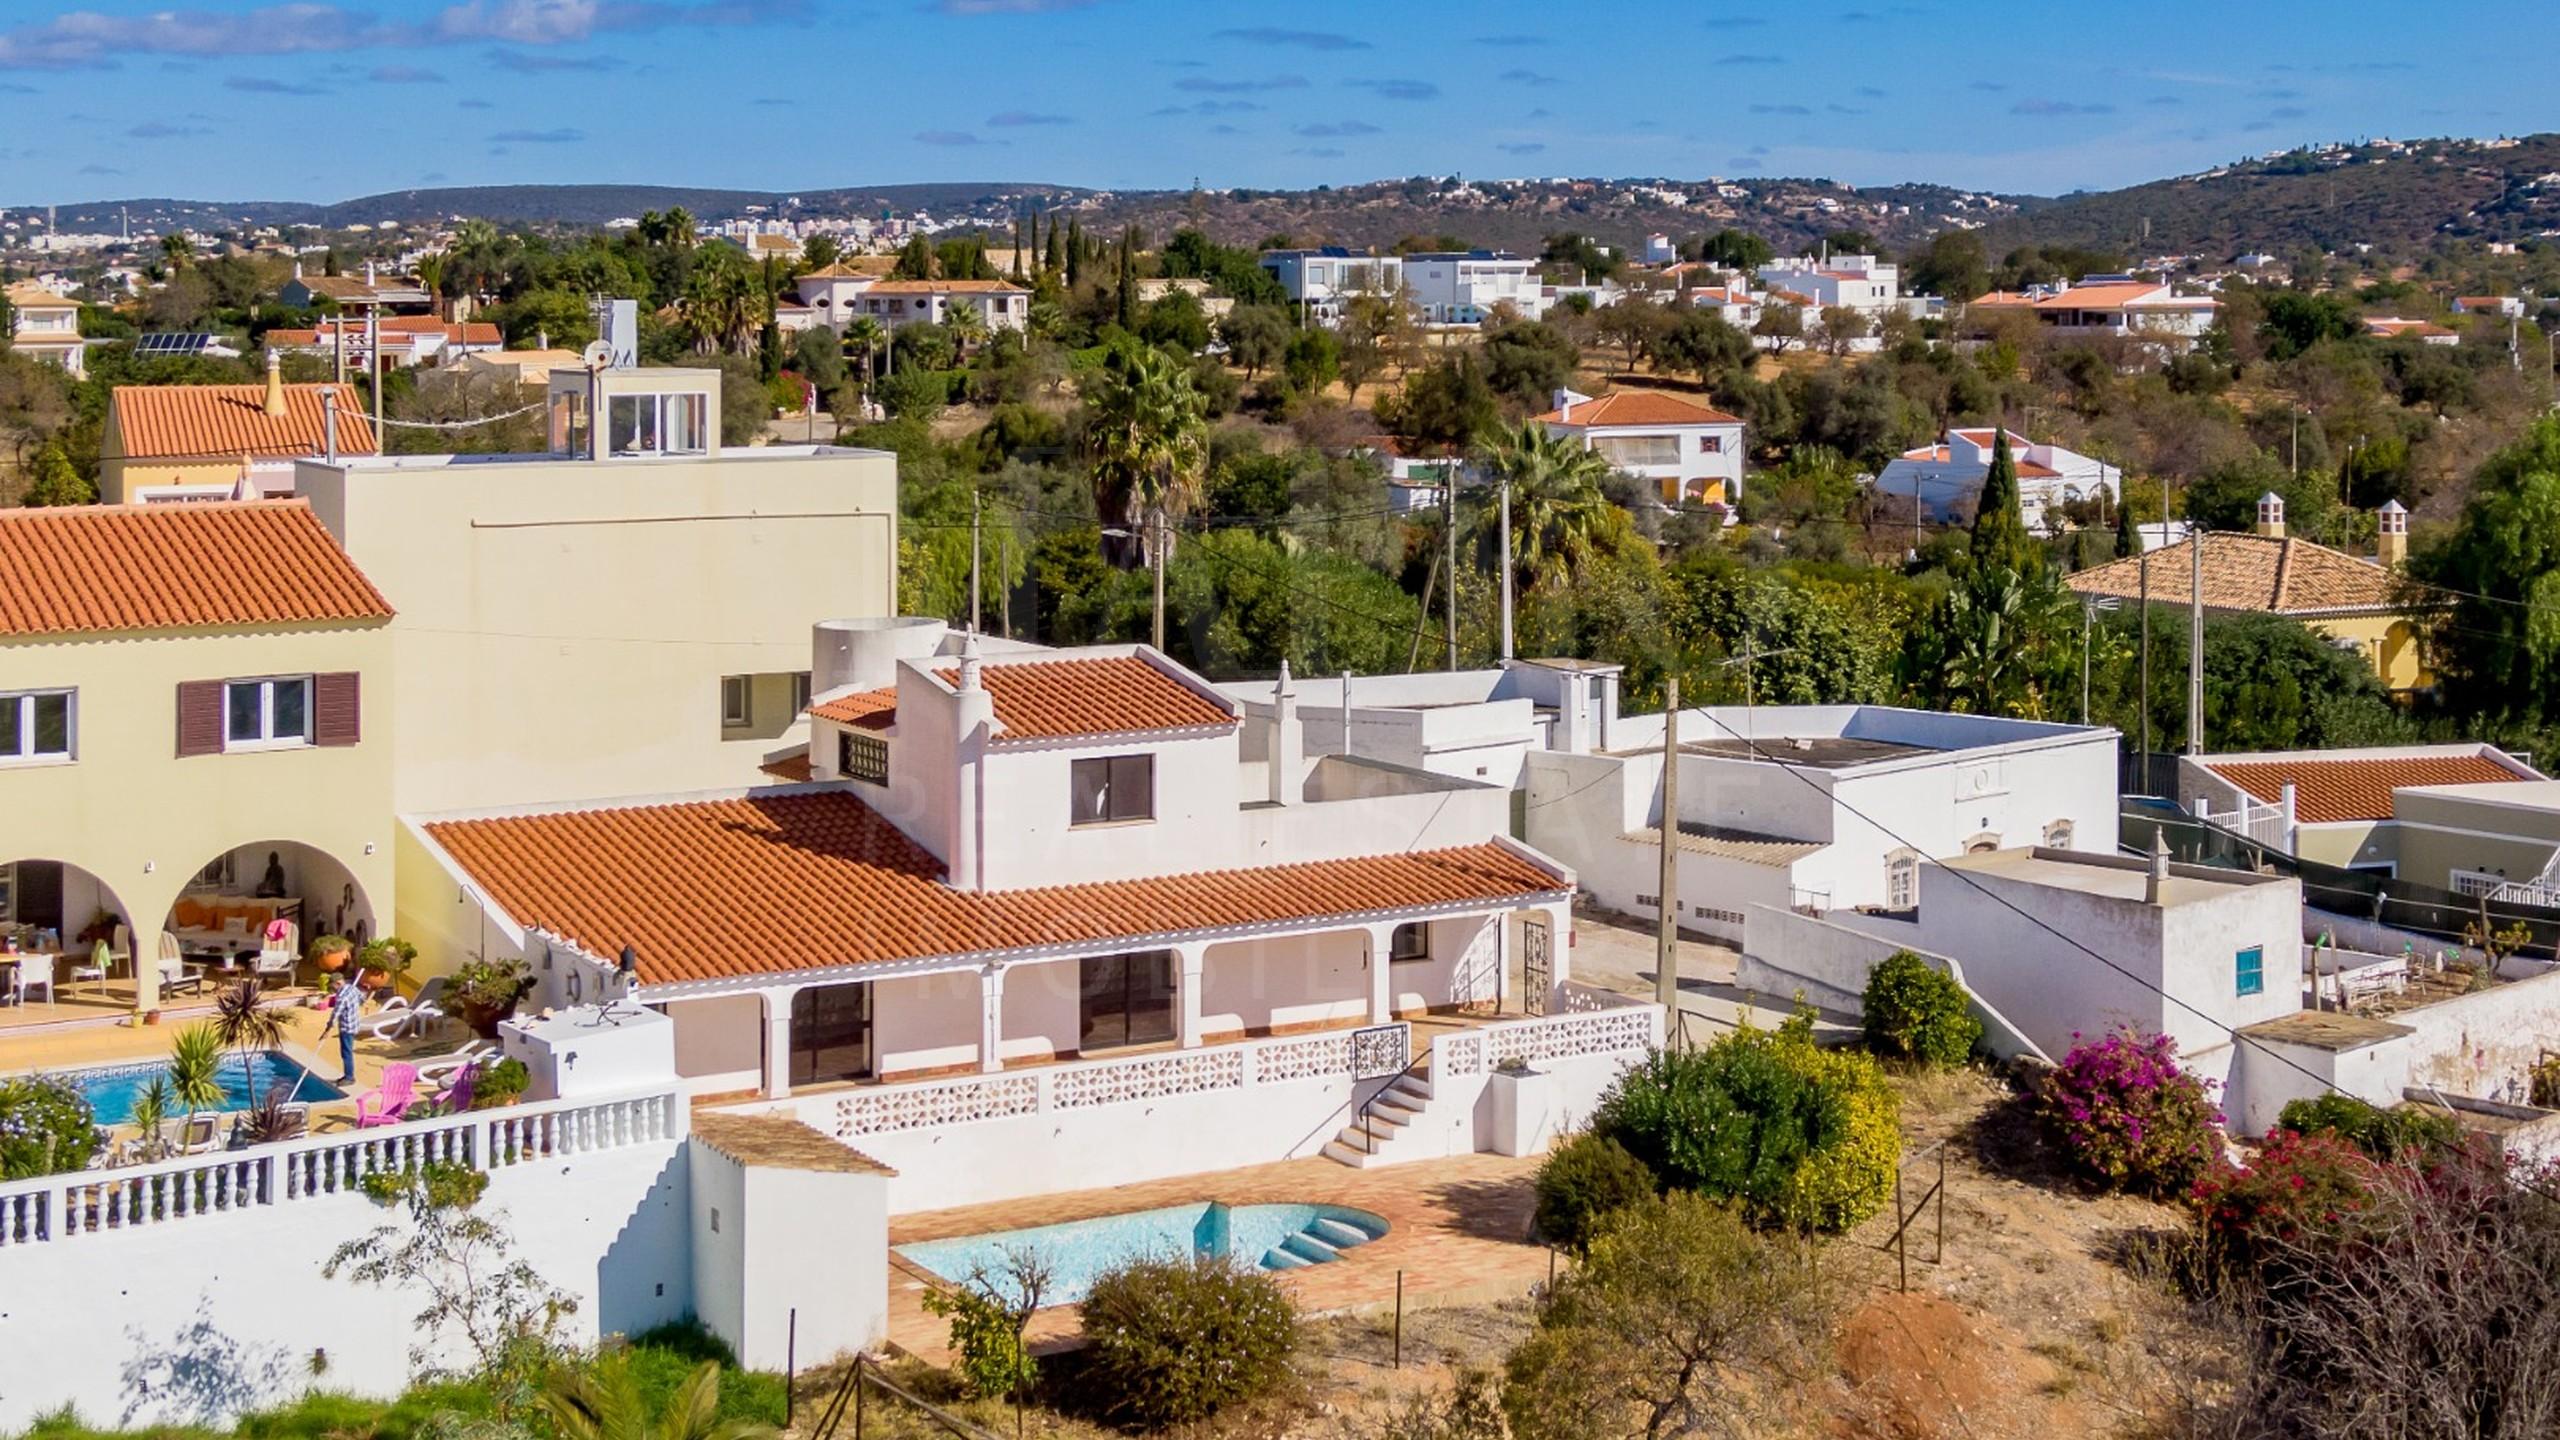 Maison à vendre à Vale Formoso, Algarve